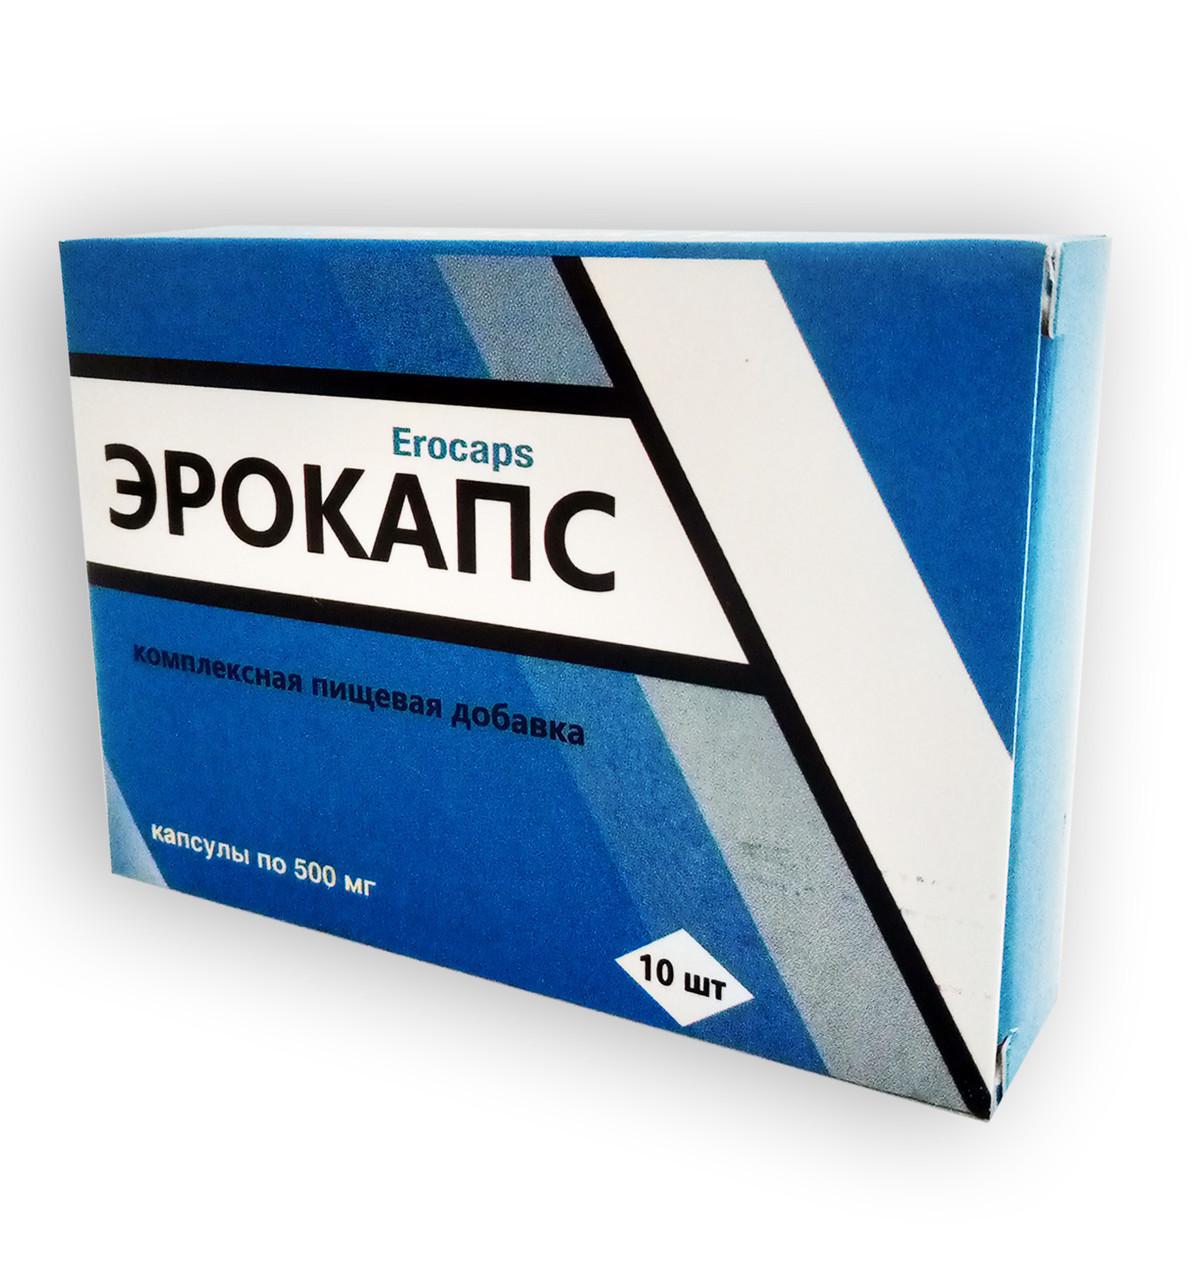 Эрокапс таблетки для повышения потенции в Калуге